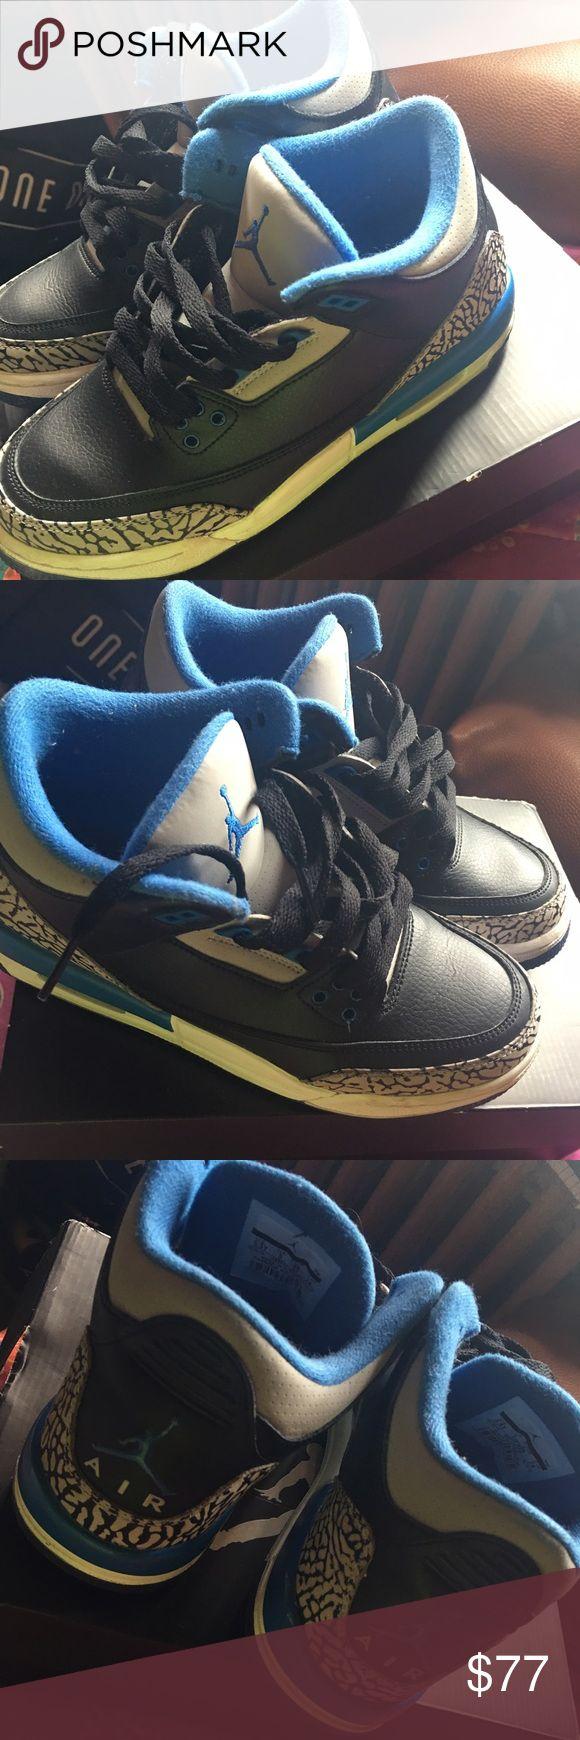 """Air Jordan Retro 3 """"Sport Blue"""" Air Jordan Retro 3 """"Sport Blue"""" Jordan Shoes Sneakers"""